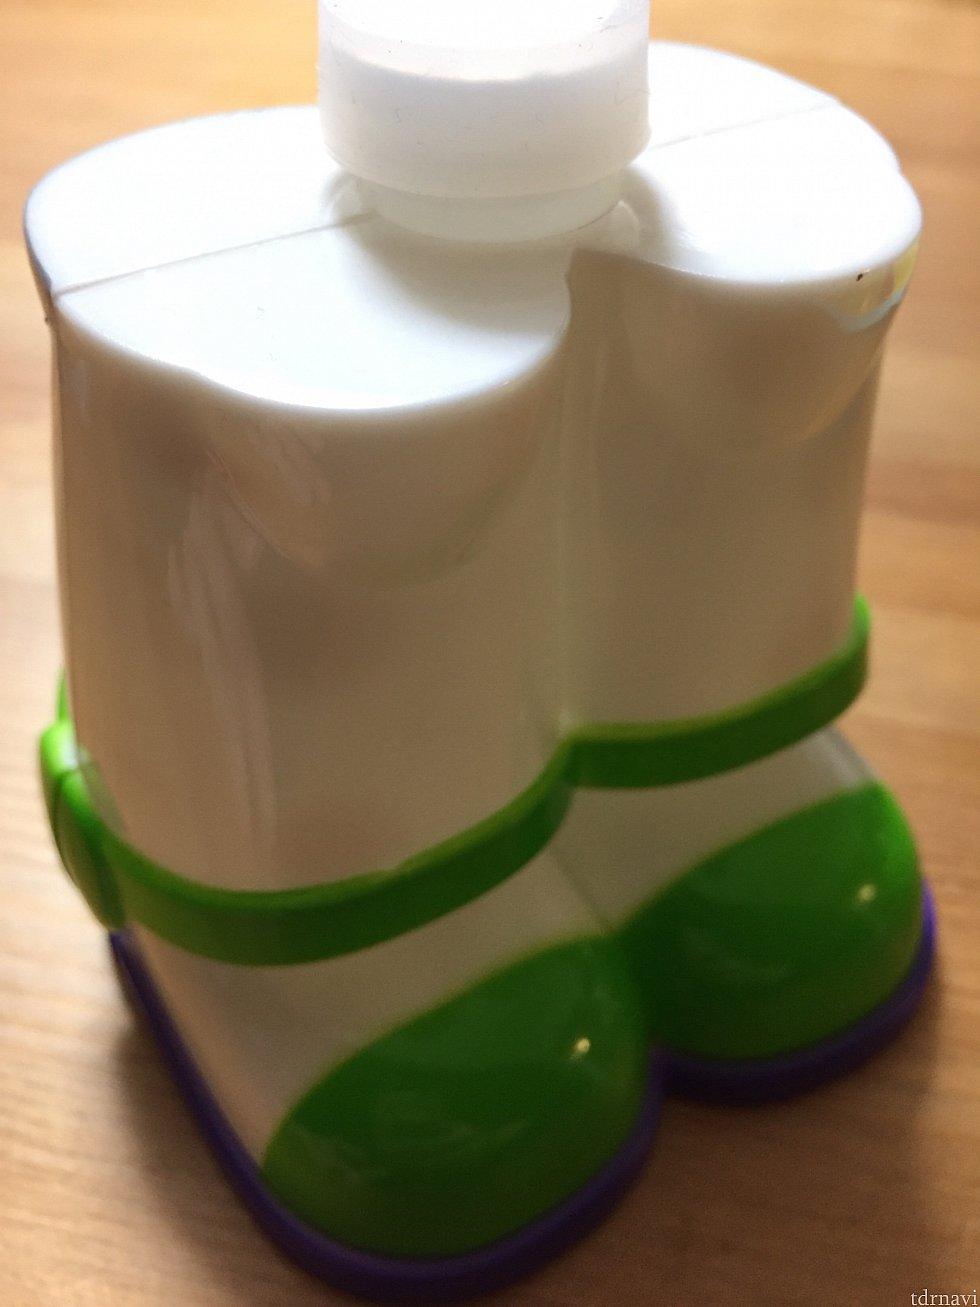 足の部分にシャボン玉液を入れる所があります! こちらは最初購入したときにはフタと封がされています☆ 使用せずに持ち帰る時は必ず預入れの荷物にいれましょう!!